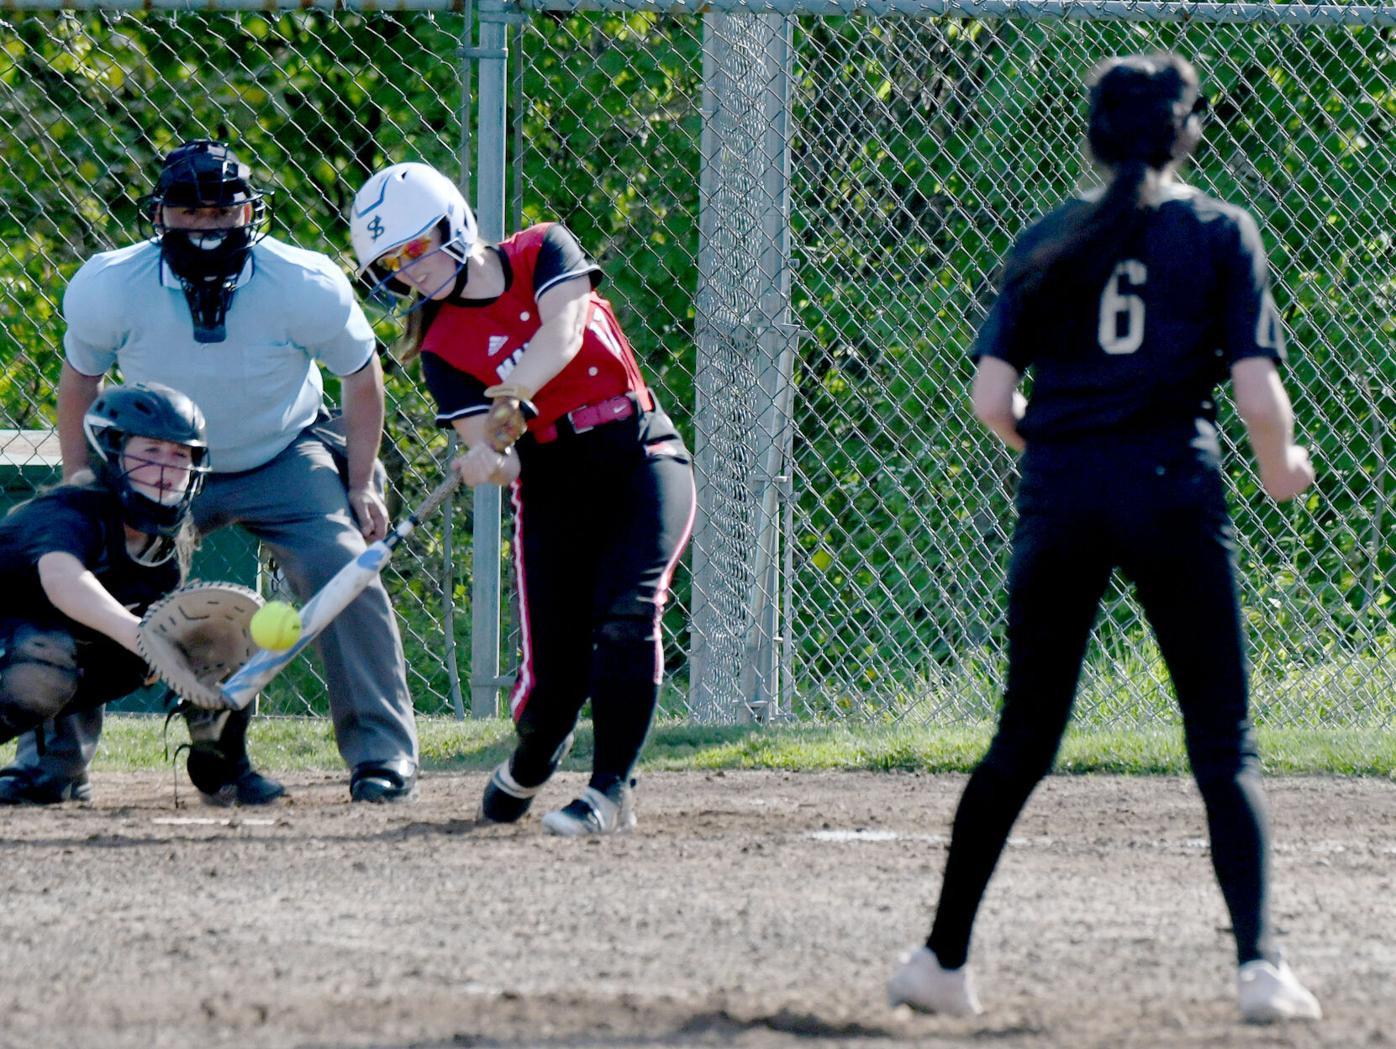 050621 EH MA Baseball 02.jpg